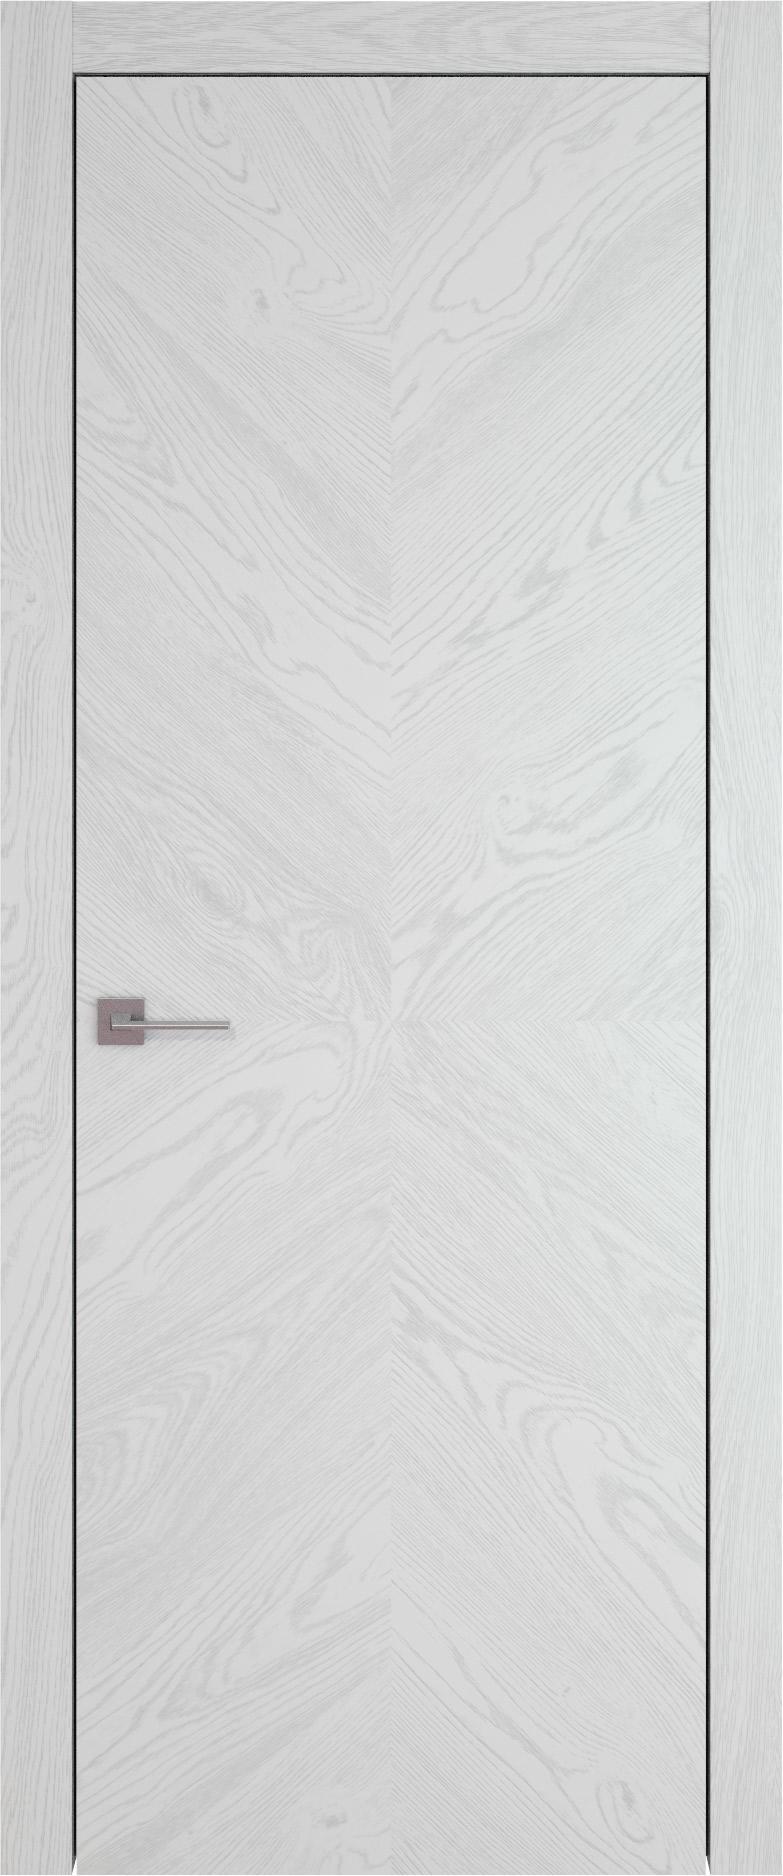 Tivoli И-1 цвет - Белый ясень (шпон) Без стекла (ДГ)